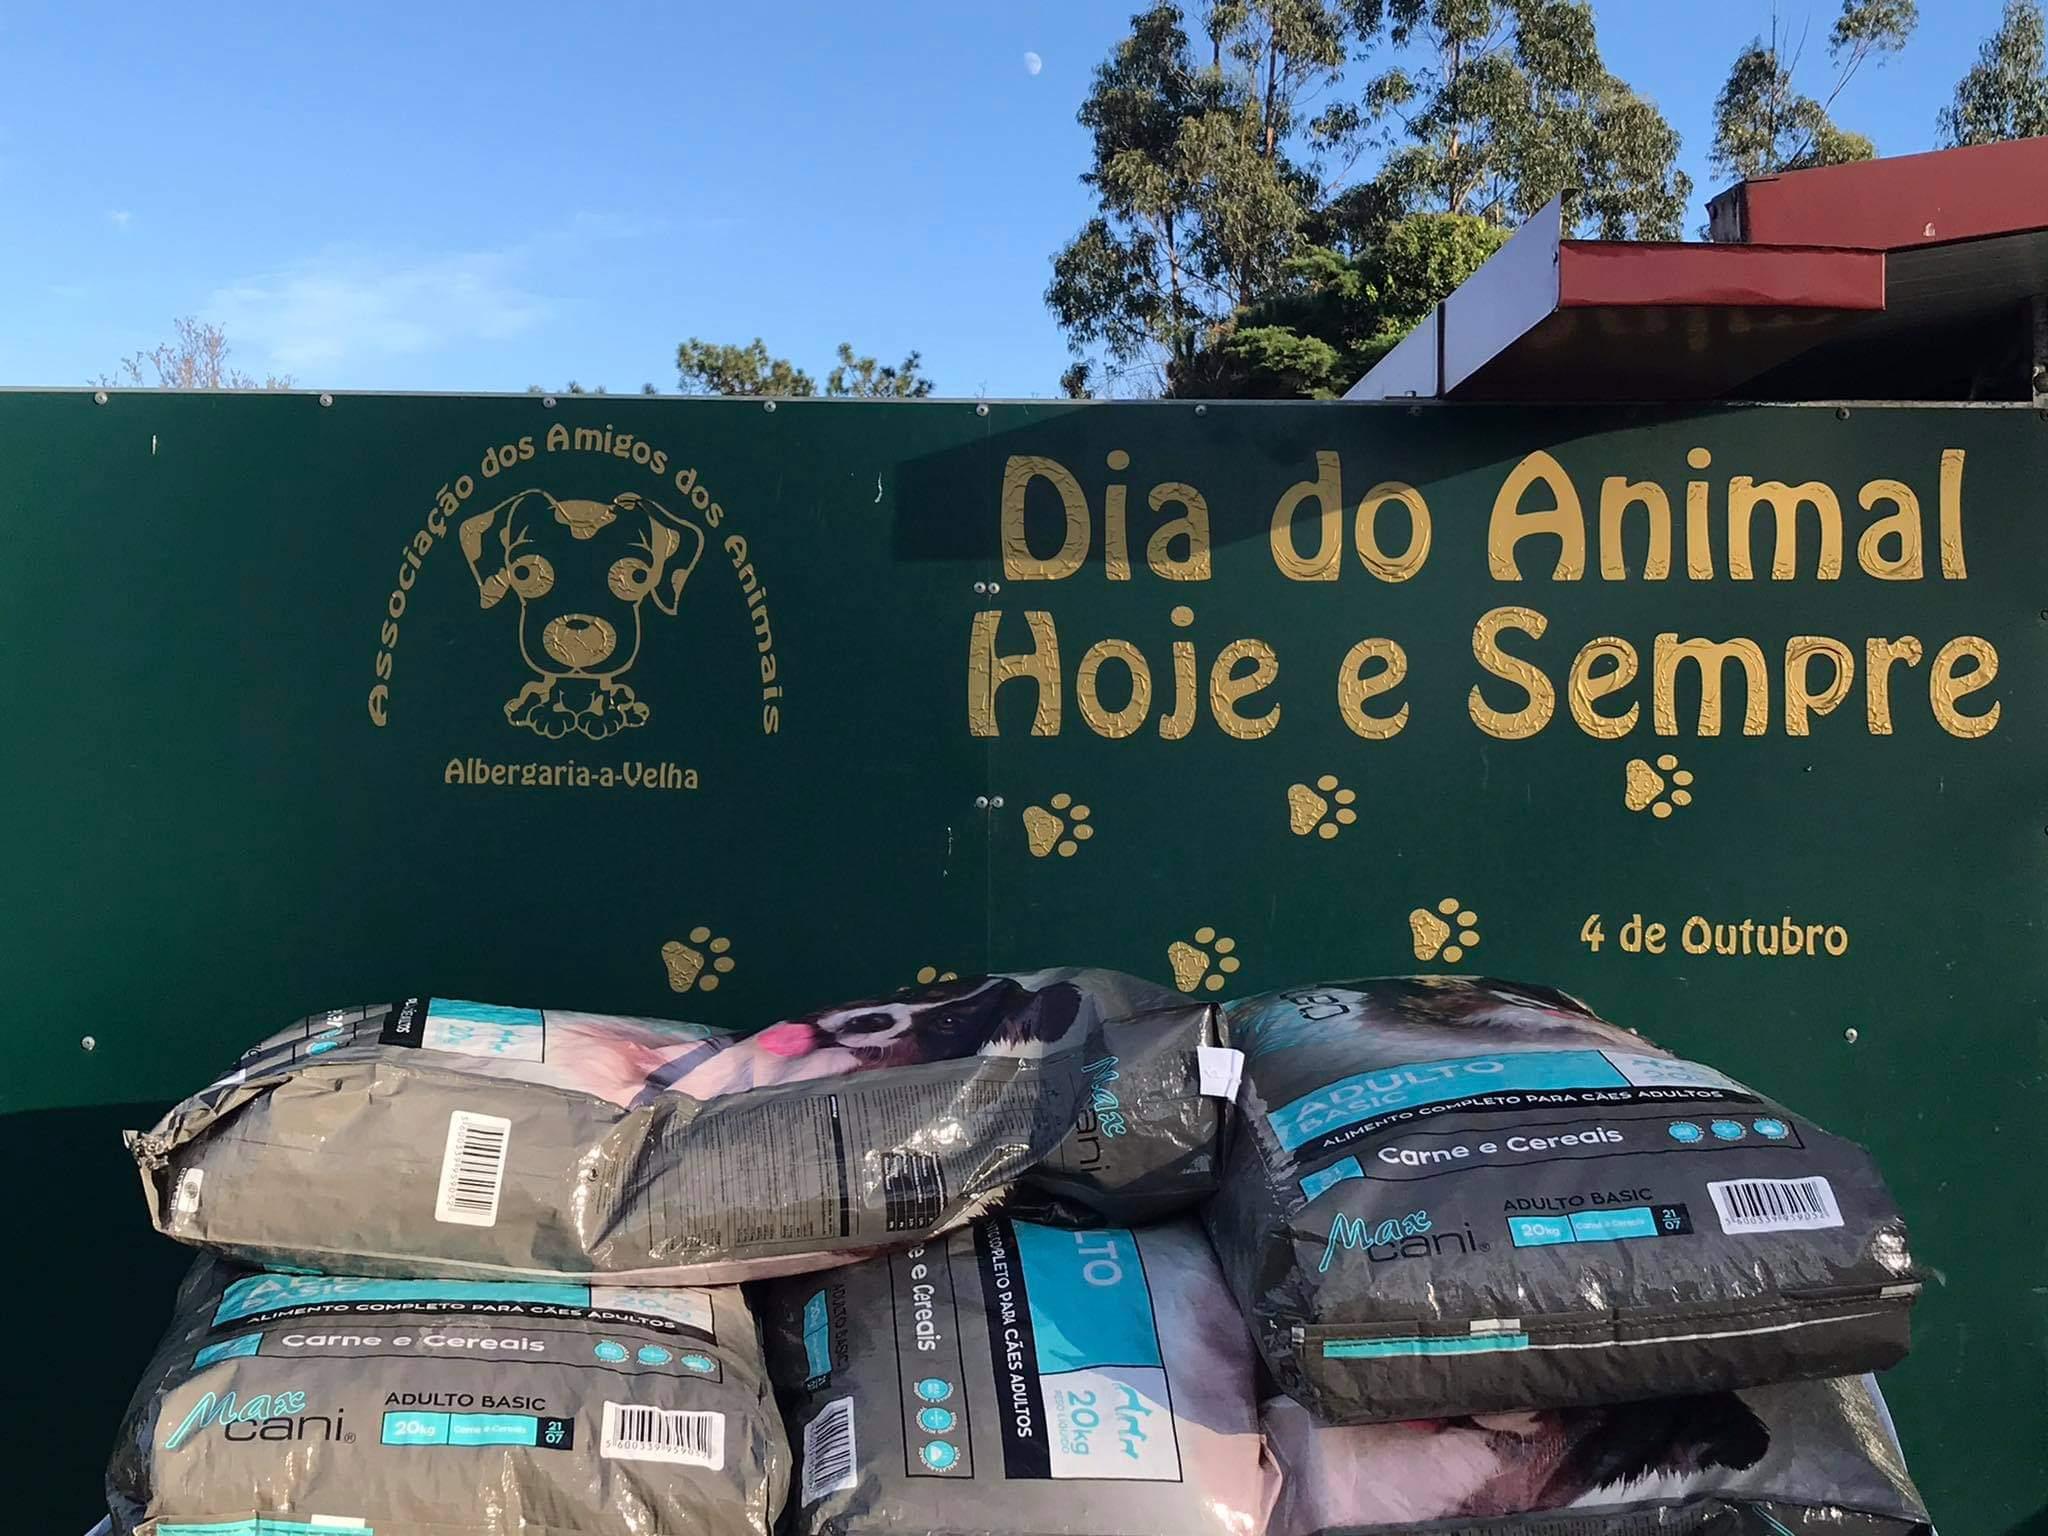 Coopalbe doa 120 kg de ração aos Animais de Albergaria